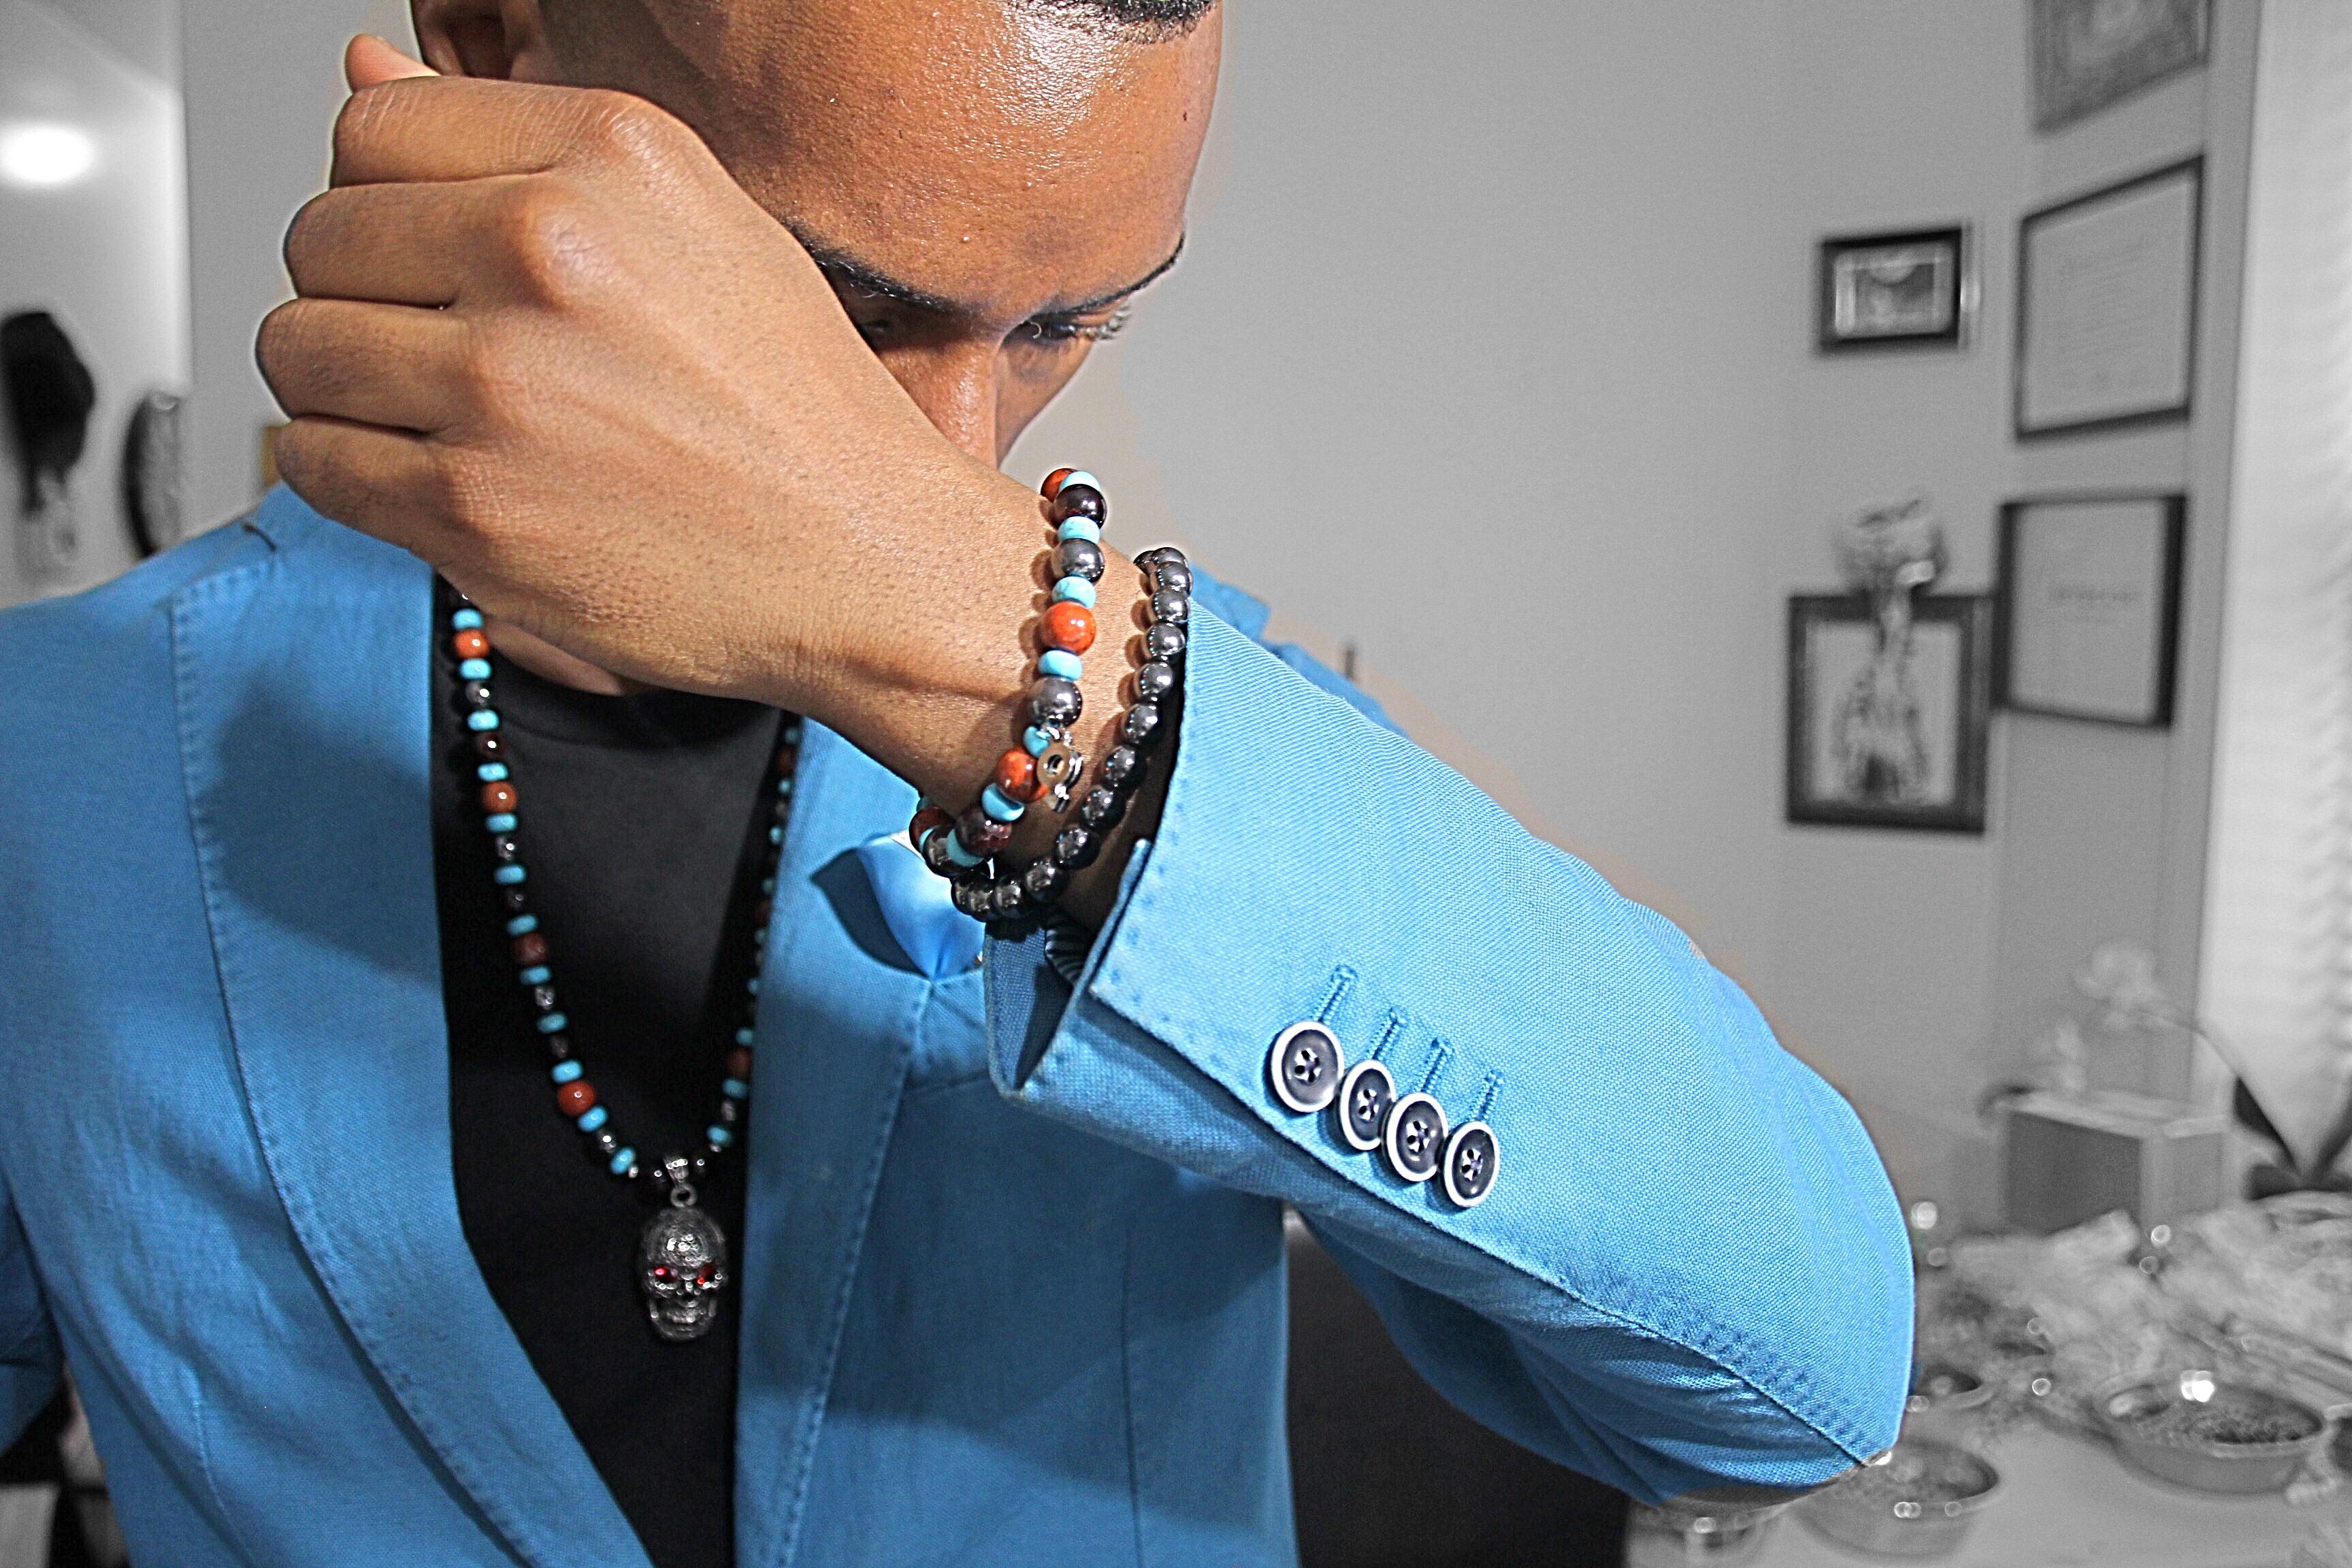 chuck-boybeads-natural-stone-bead-bracelet-for-men-necklaces-turquoise-garnet-hematite-red-jasper-new-york-for-guys-summer-artist-sebastian-mitchell-2011.jpg